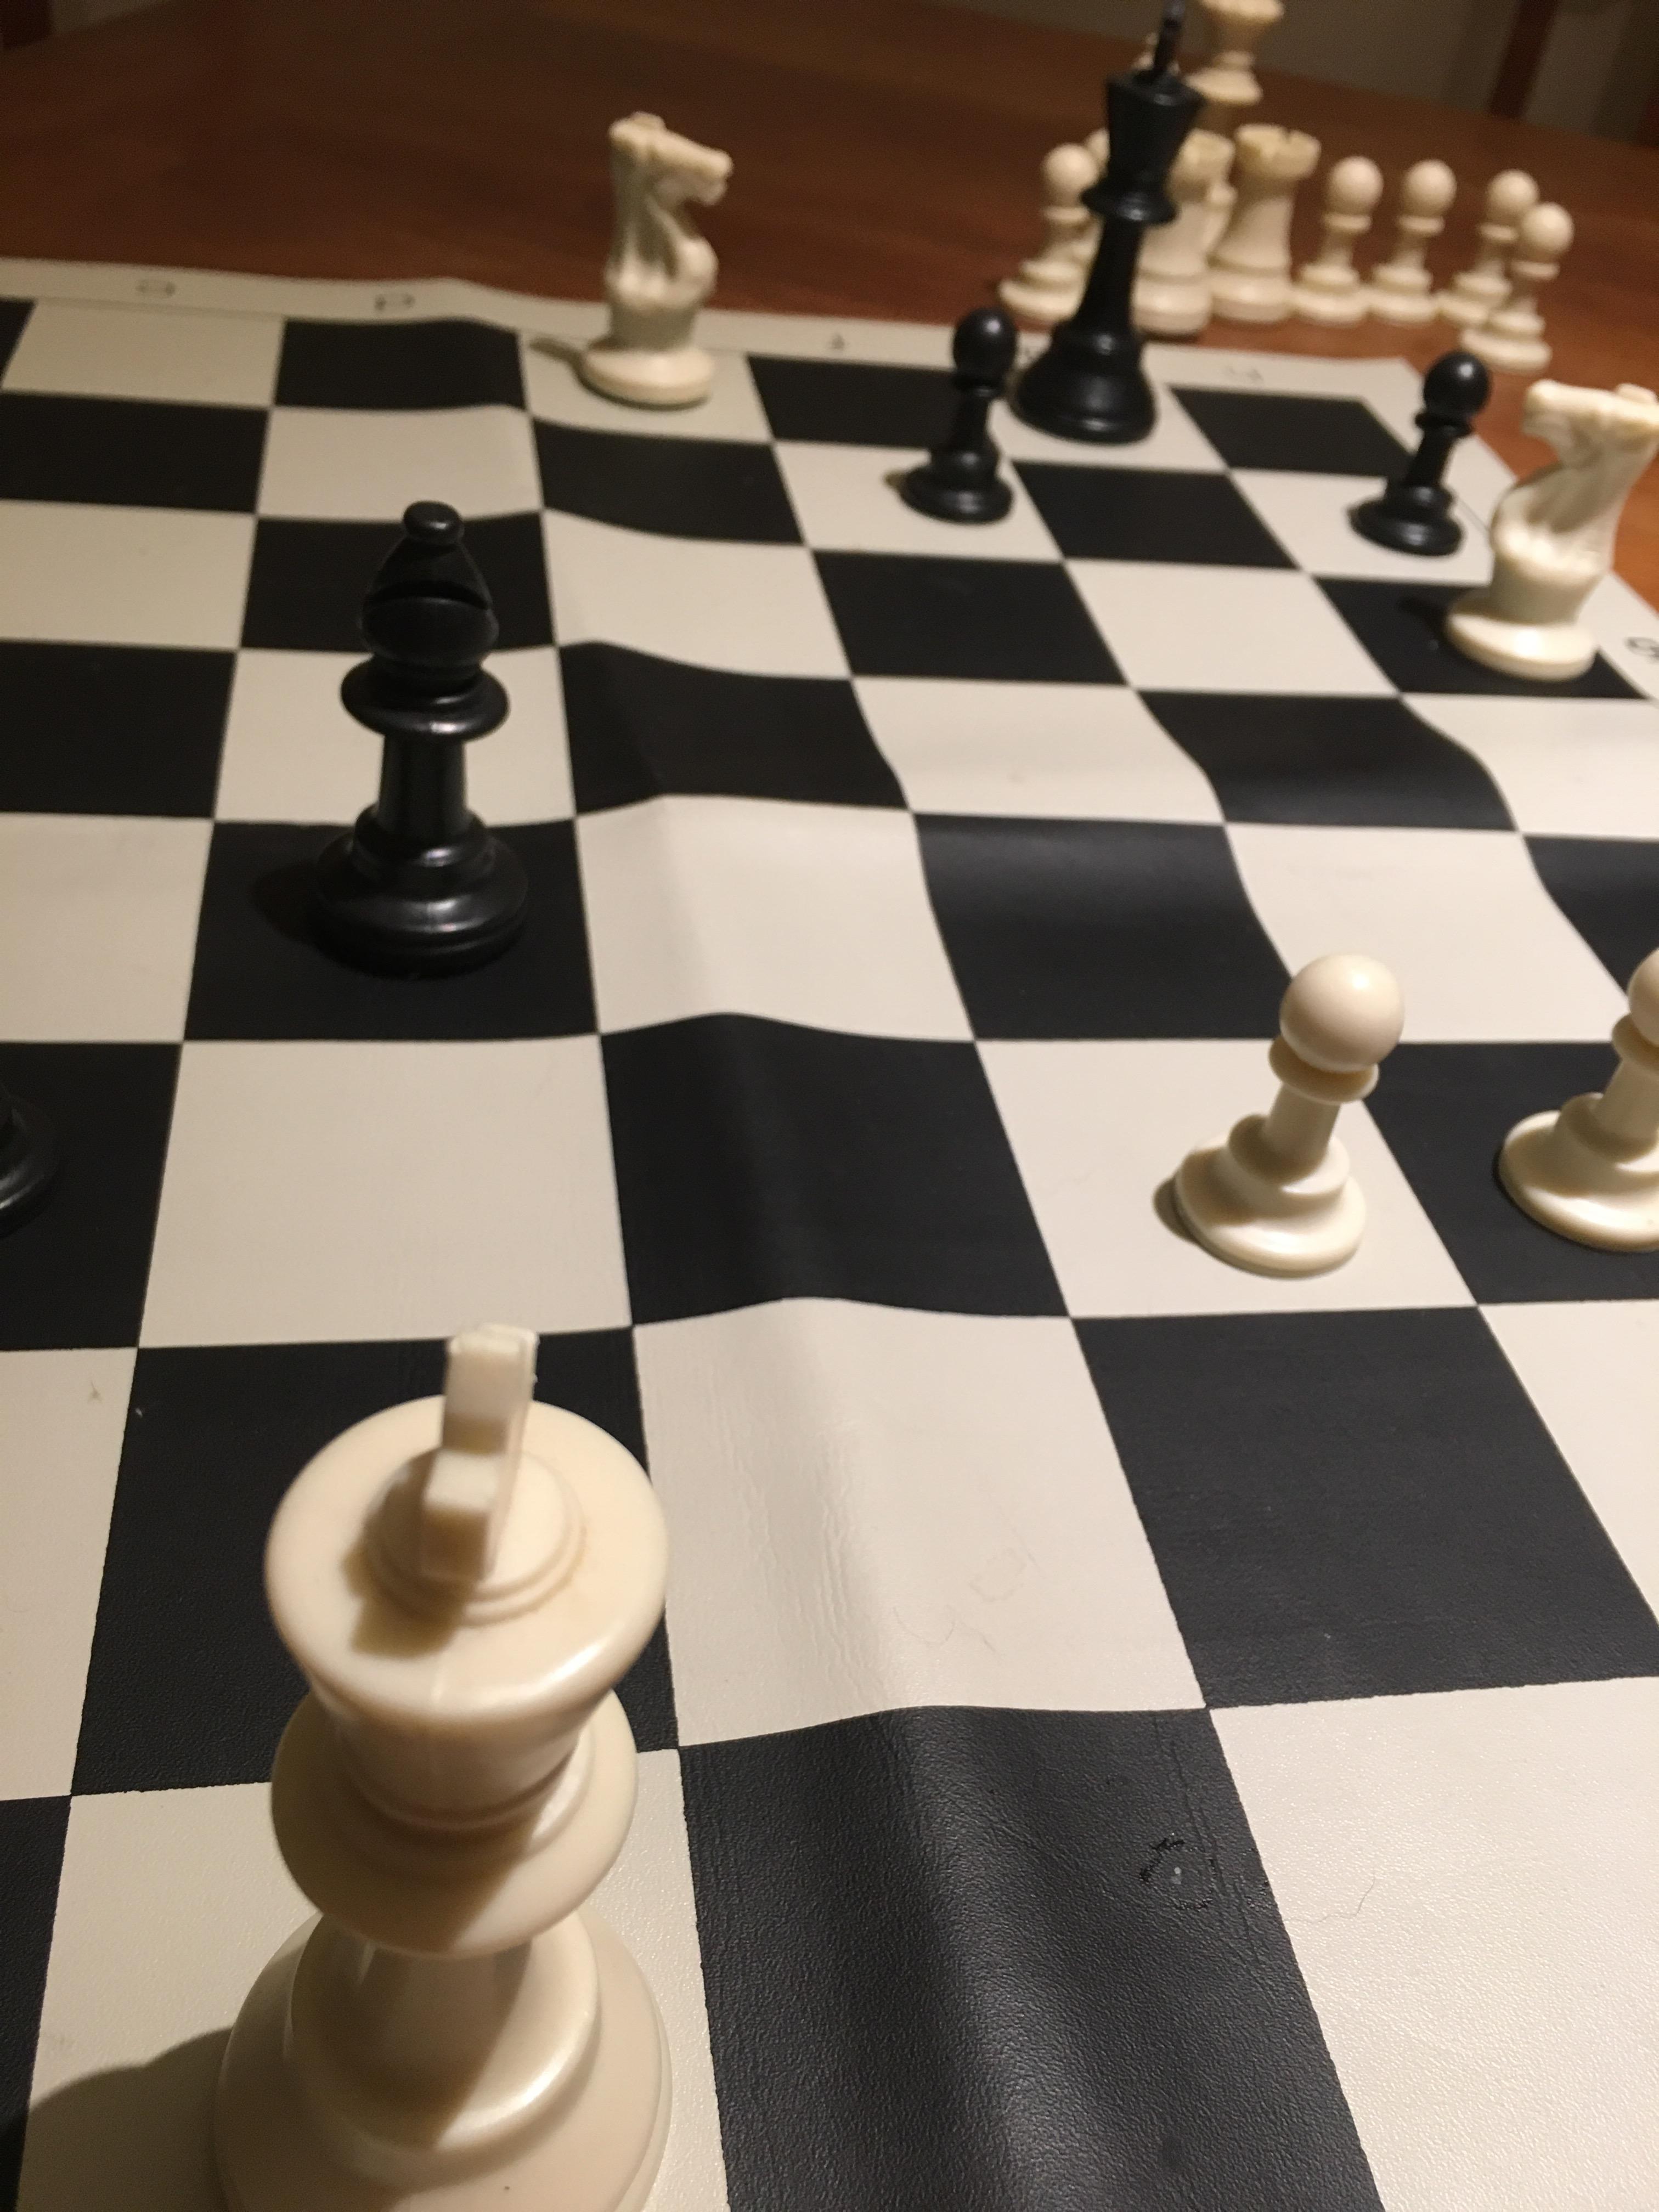 チェス、初勝利の瞬間